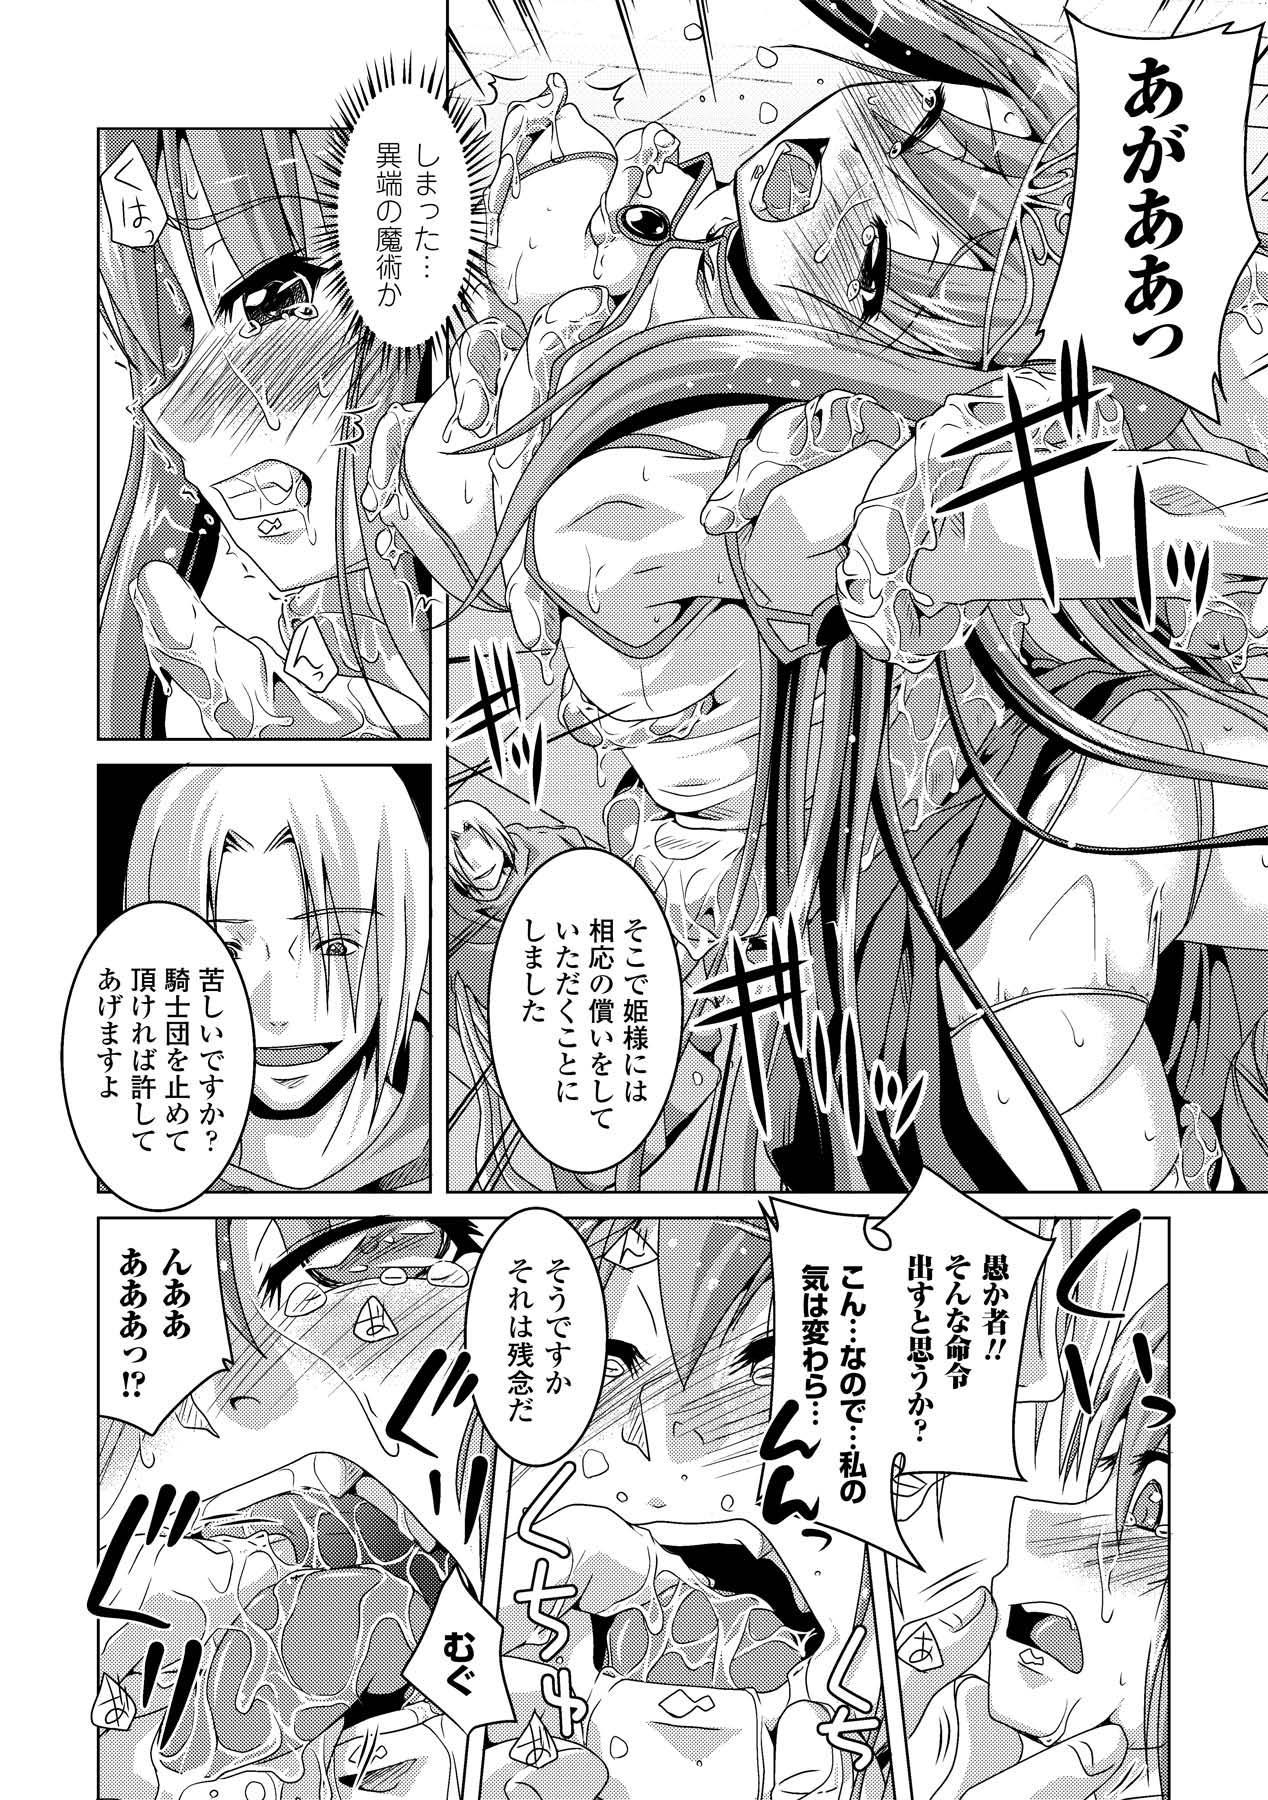 Ahegao Anthology Comics Vol. 2 49